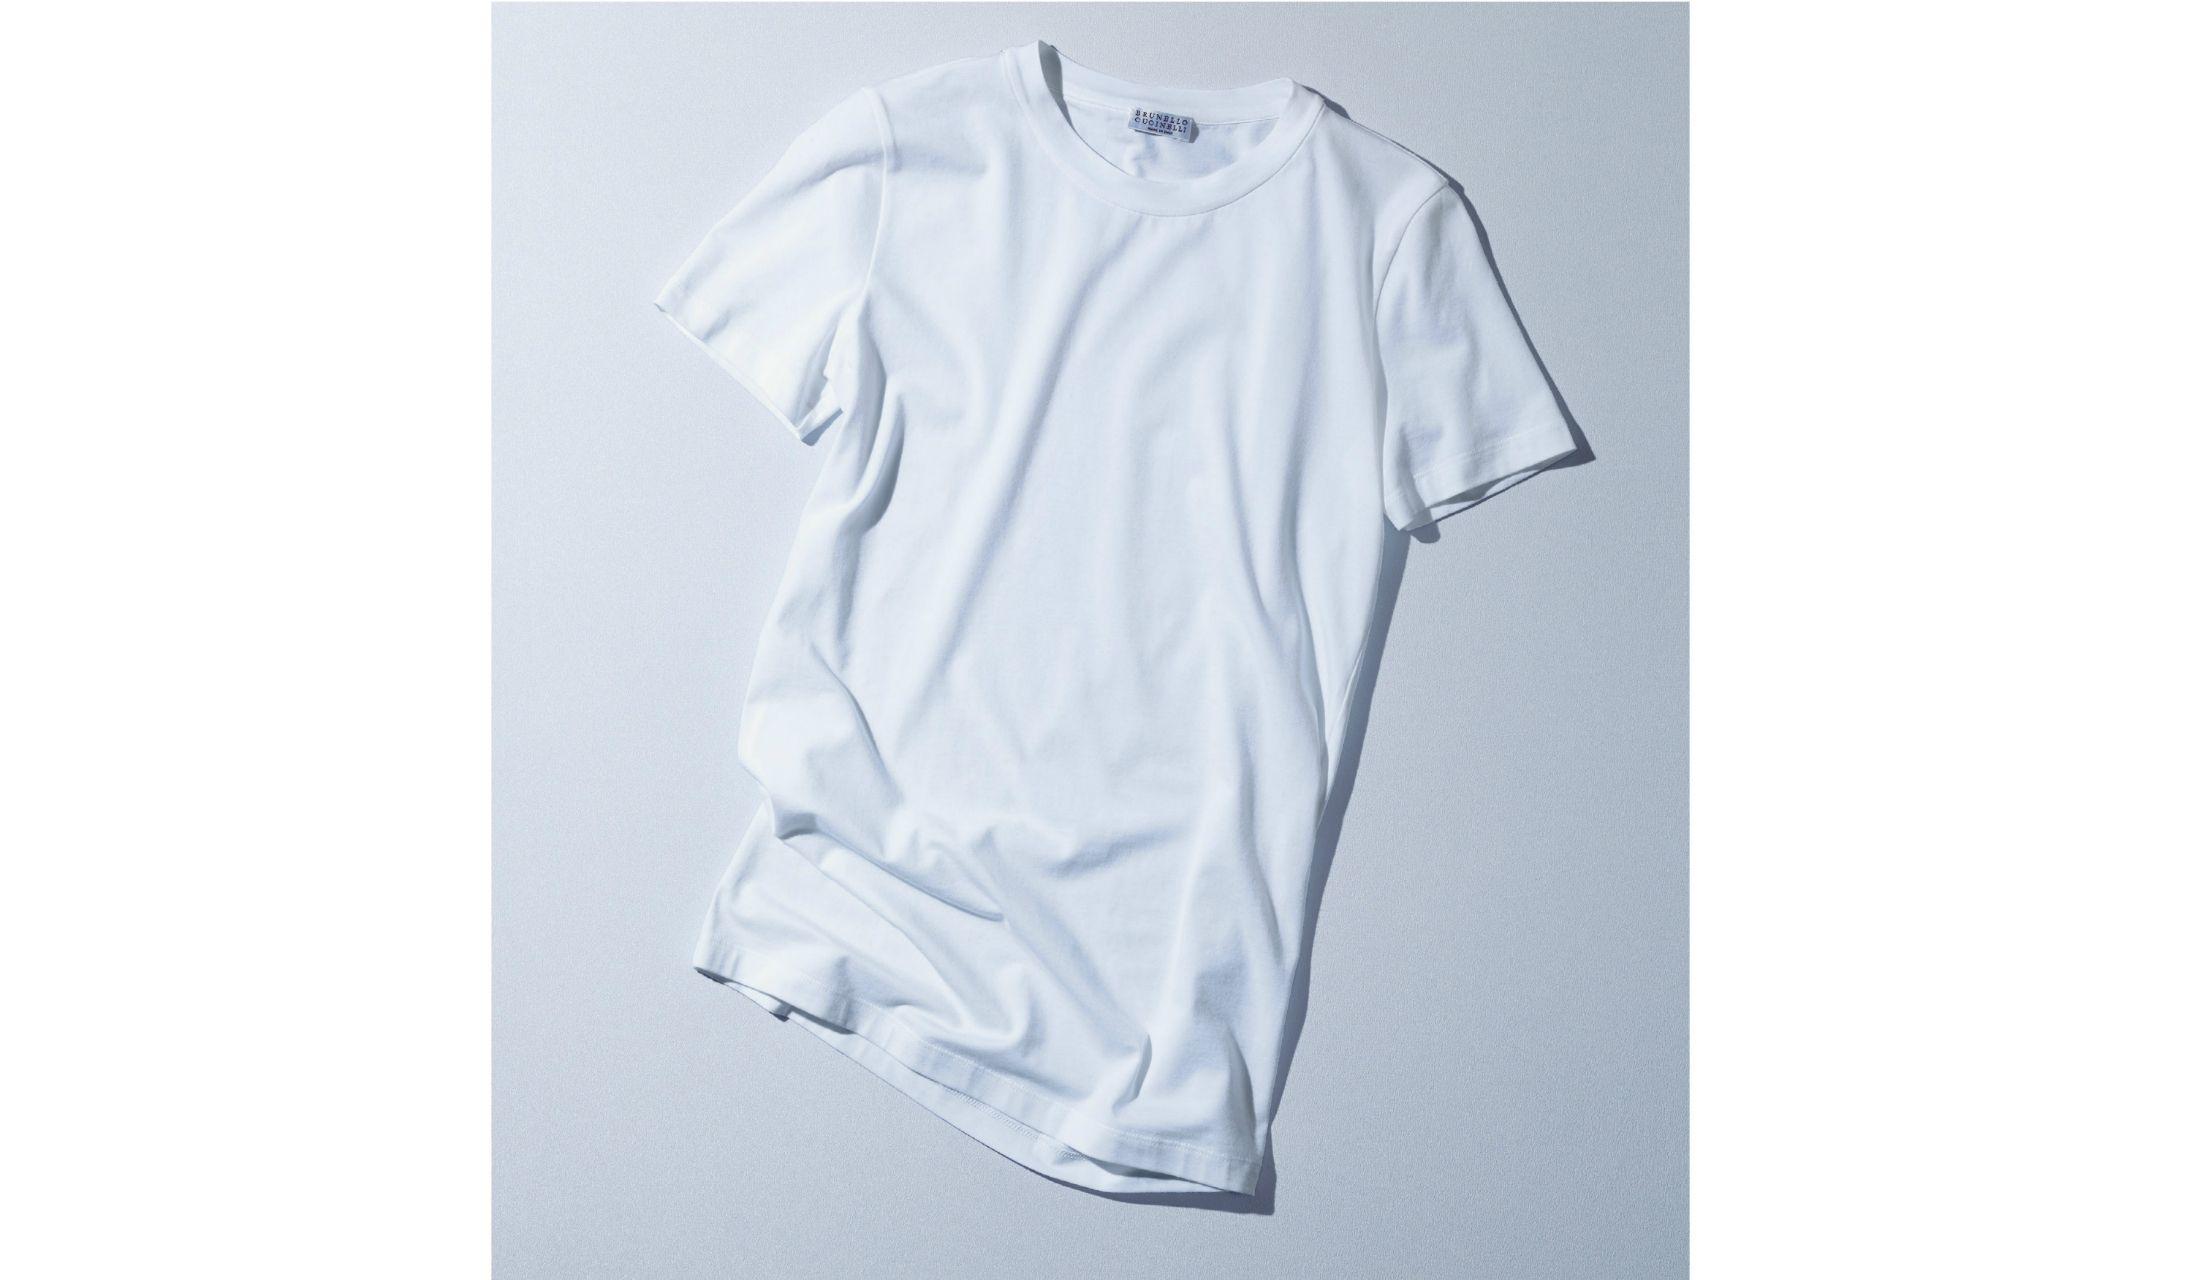 たった1枚で大人を魅力的に見せてくれる「上質な名品Tシャツ」6選